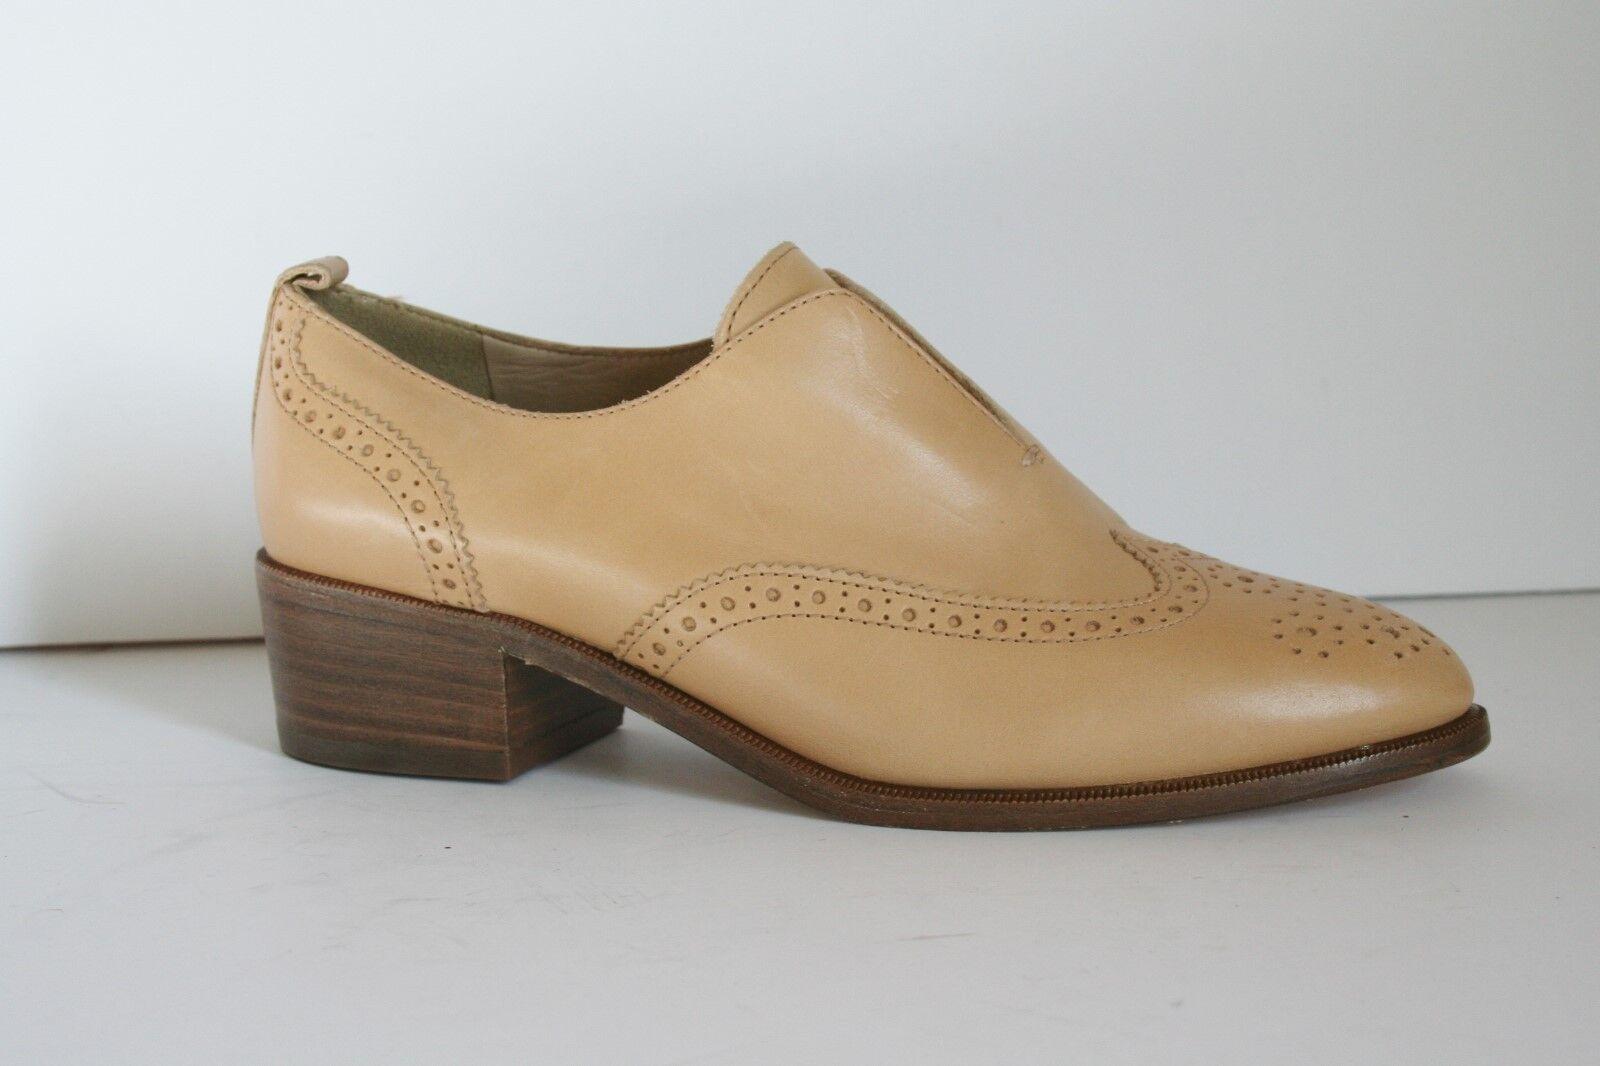 JCrew Slip On Leder Oxfords Leder 5.5 Schuhes Toasted Wheat